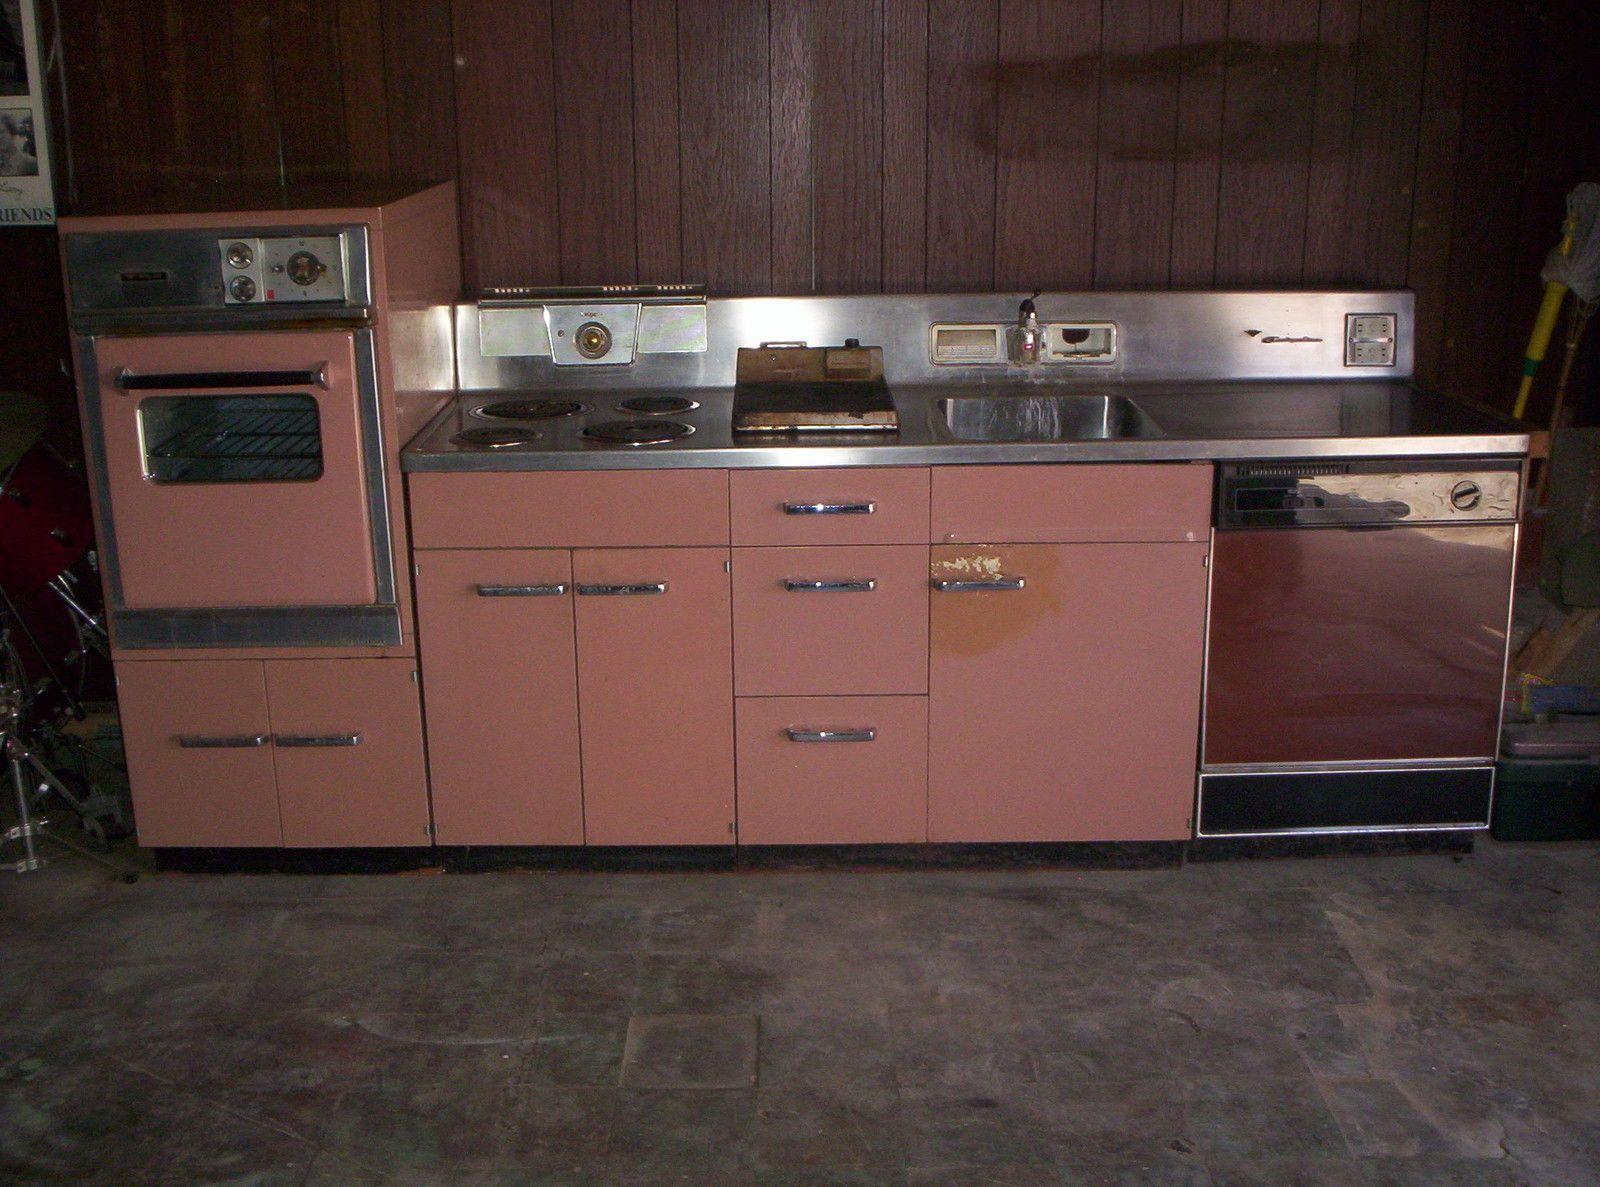 Hotpoint Customline Modular Metal Kitchen Cabinet Stove Dw Sink Metal Kitchen Cabinets Kitchen Retro Kitchen